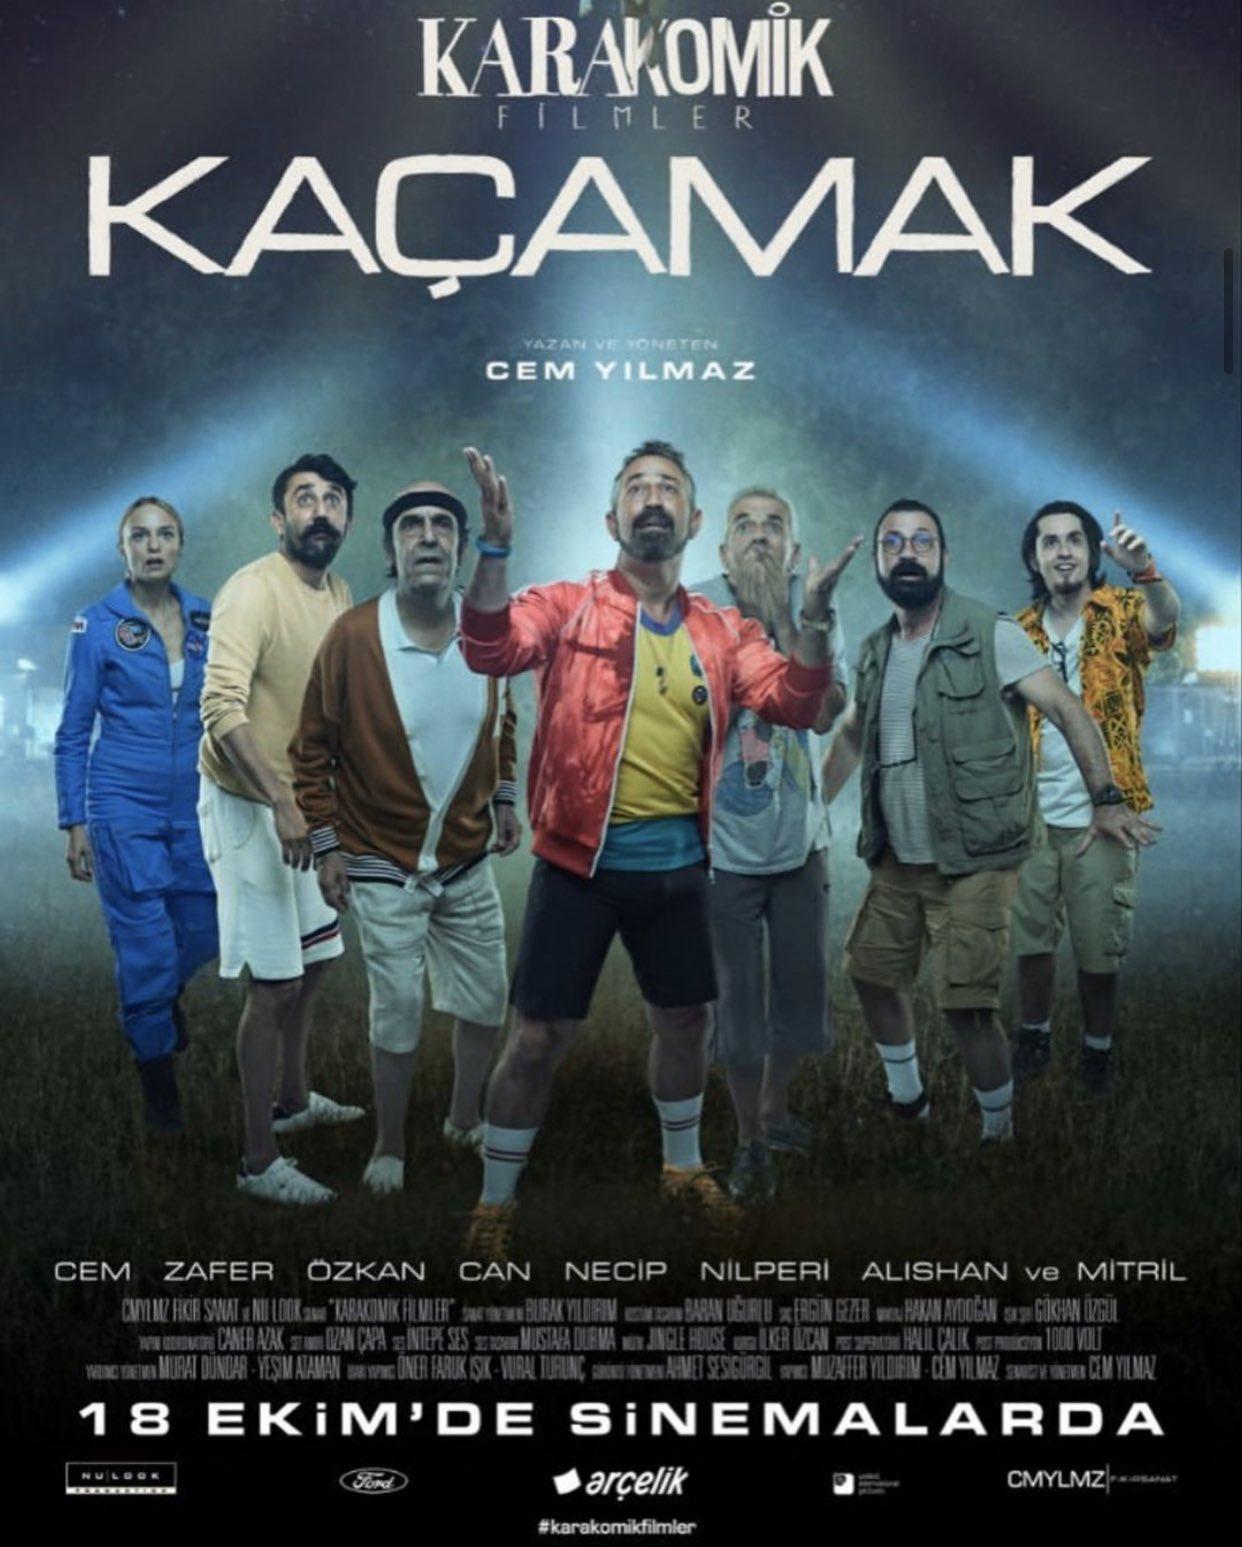 Karakomik Filmler: Kaçamak kapak